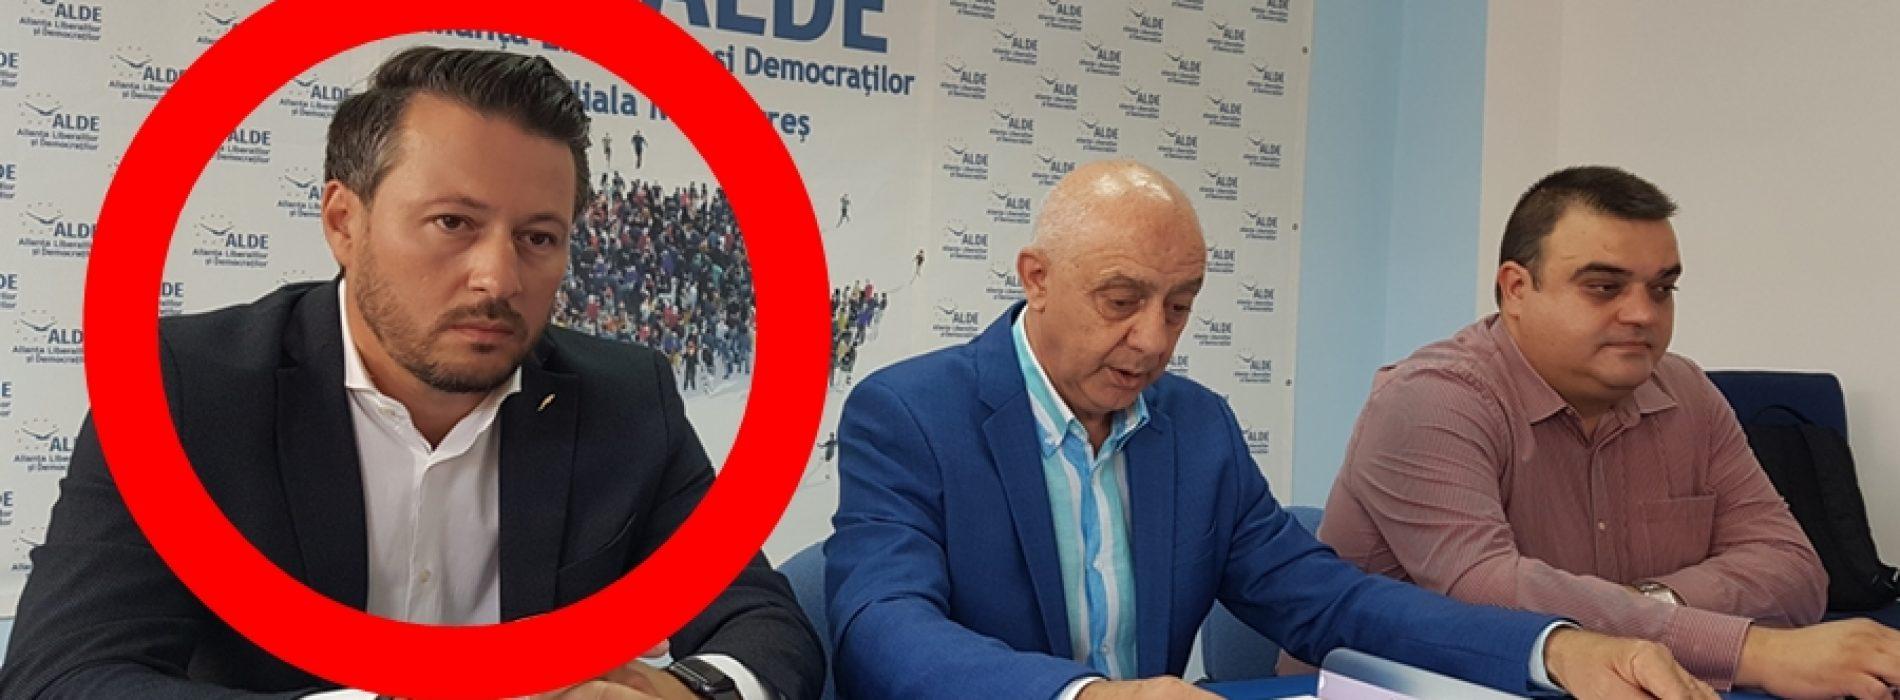 VIDEO! ASCULTAȚI-L foarte bine pe acest MINCINOS. Gura bate… TOBA! Ciprian Rogojan îl păcălește și pe Cristian Anghel, noul PREȘEDINTE ALDE. Pe NOI, nu